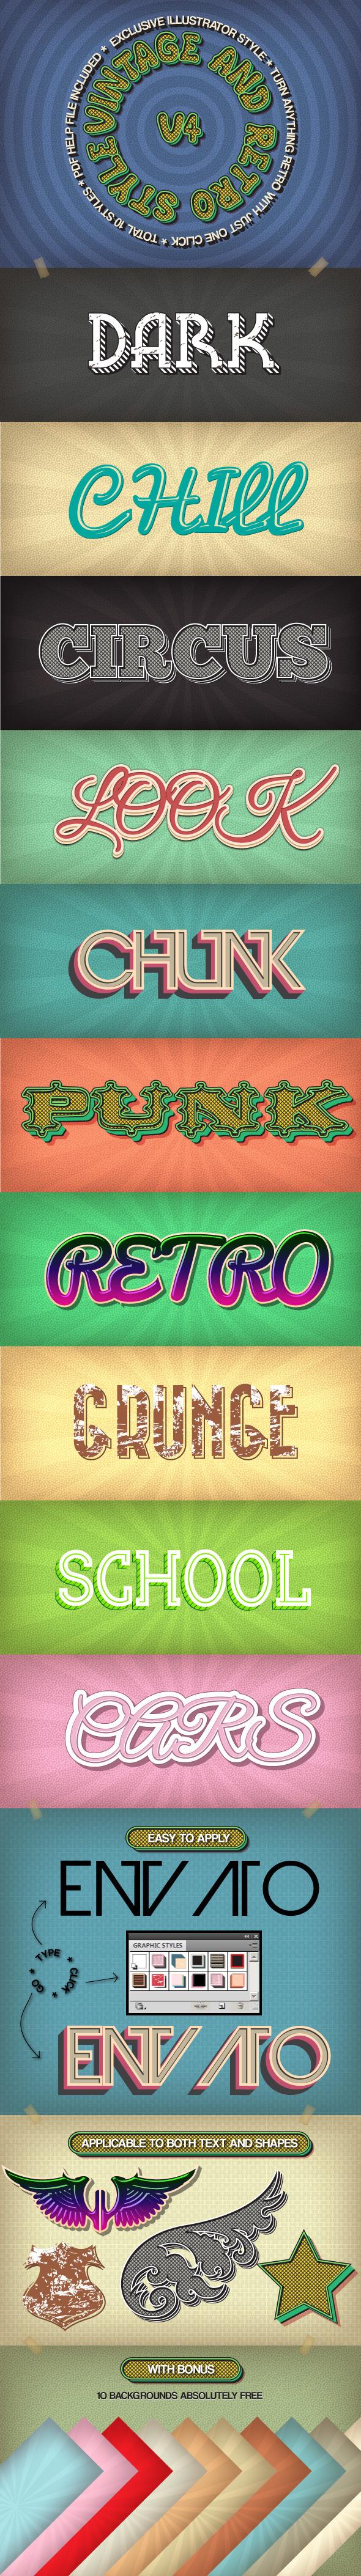 Vintage and Retro Styles V4 - Styles Illustrator